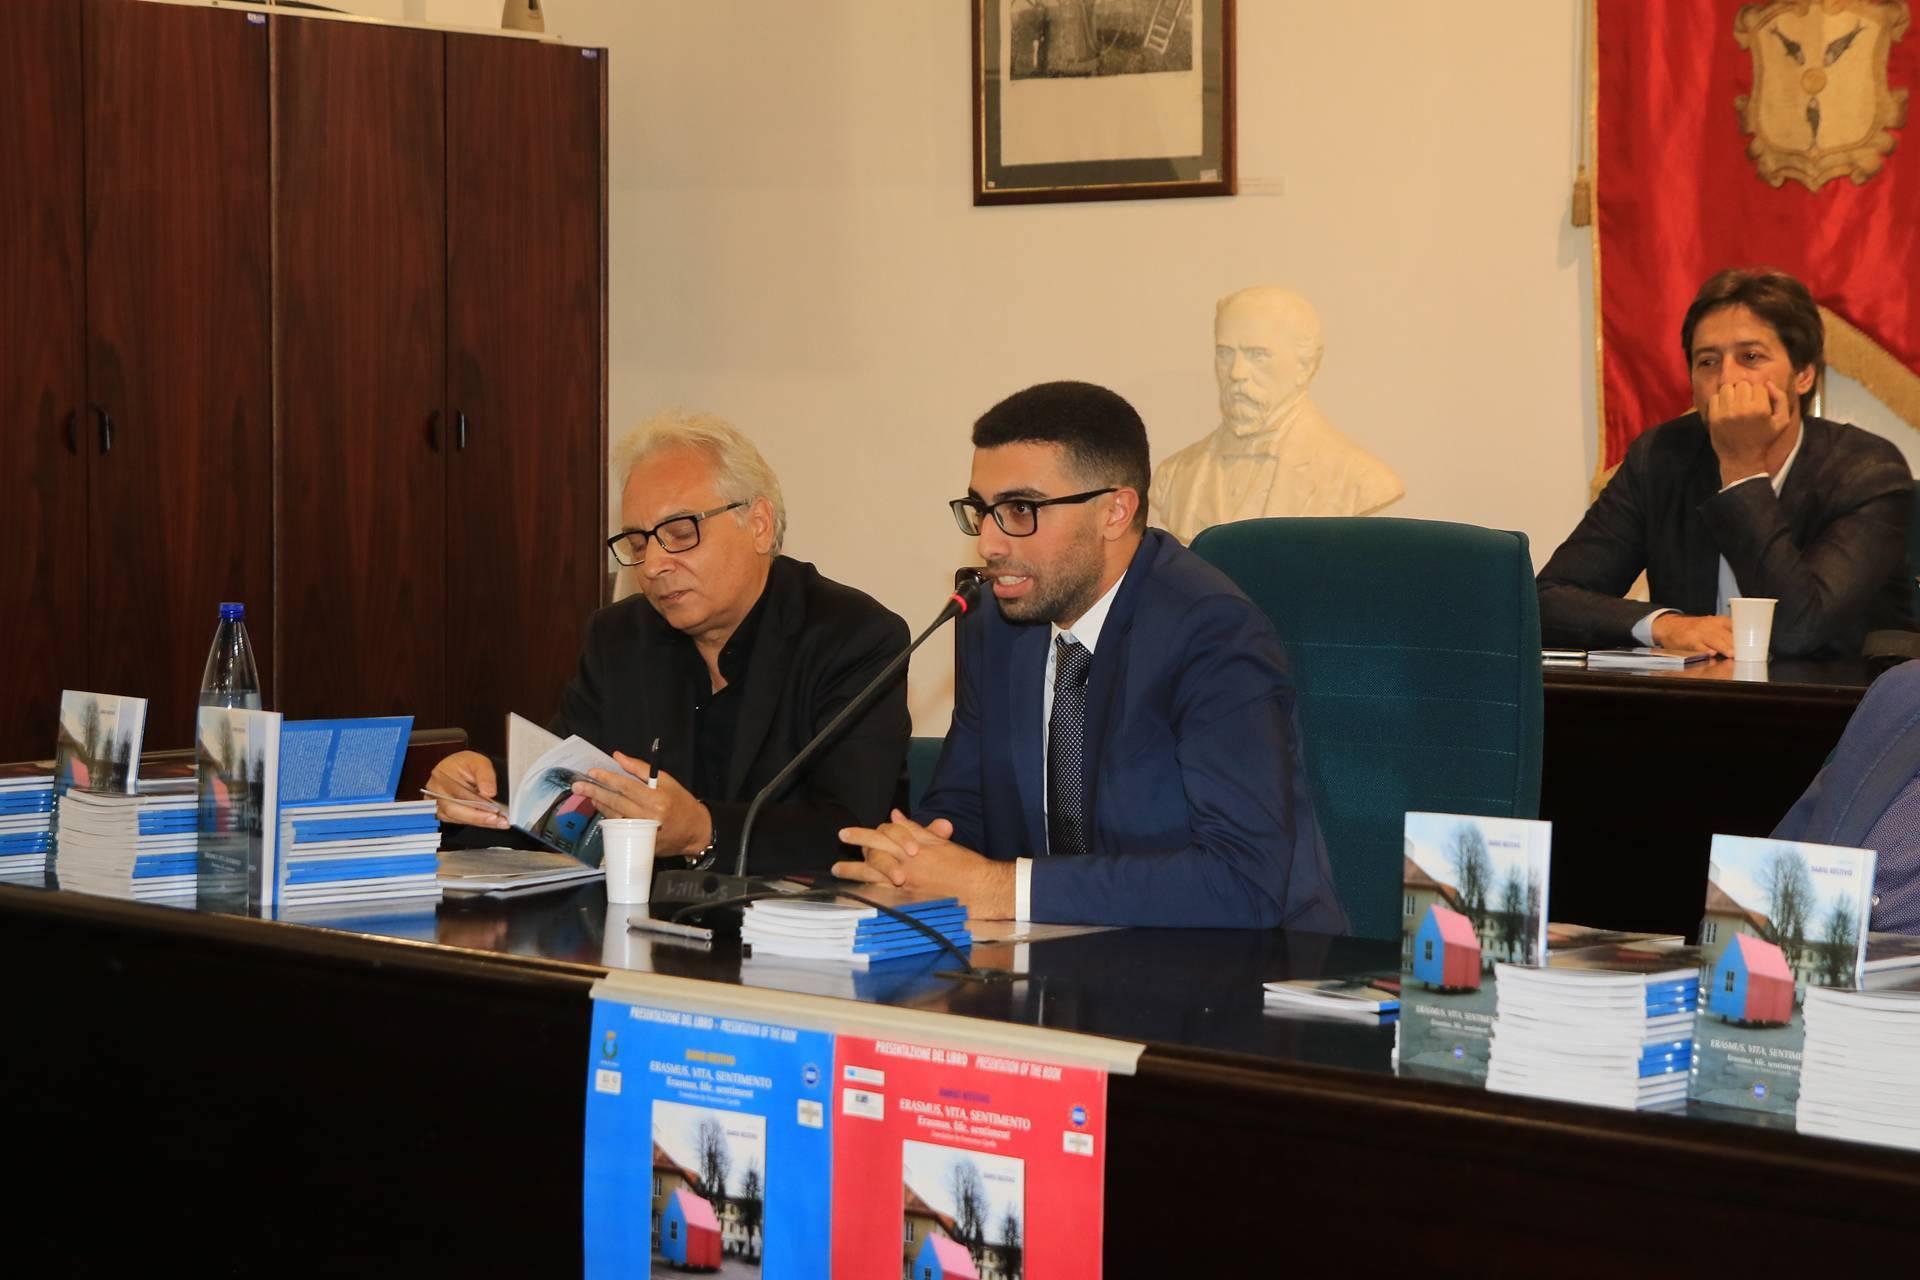 Un cefaludese in Europa: Dario Restivo e il suo libro sull'Erasmus